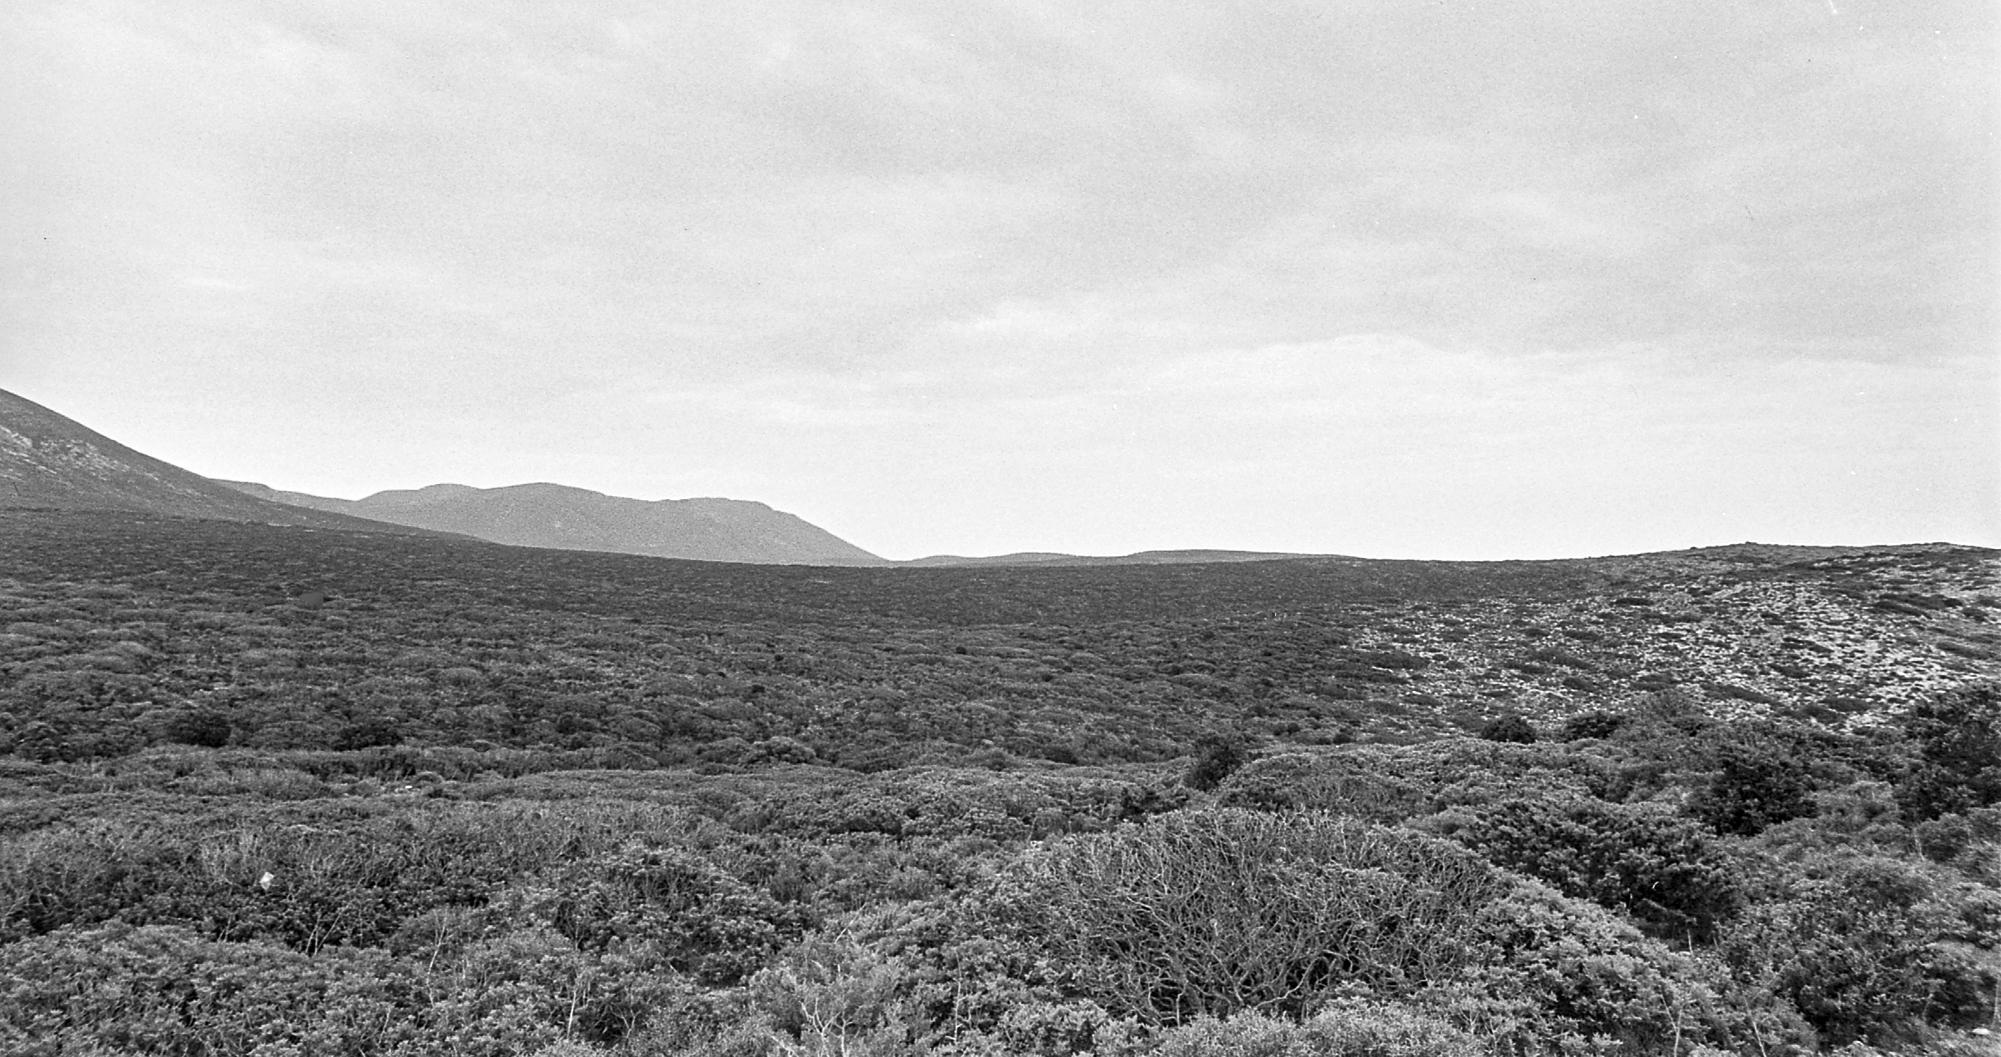 Laltopiano di Planu Sartu unenorme distesa di macchia mediterranea Fino a met Ottocento era una foresta JPG